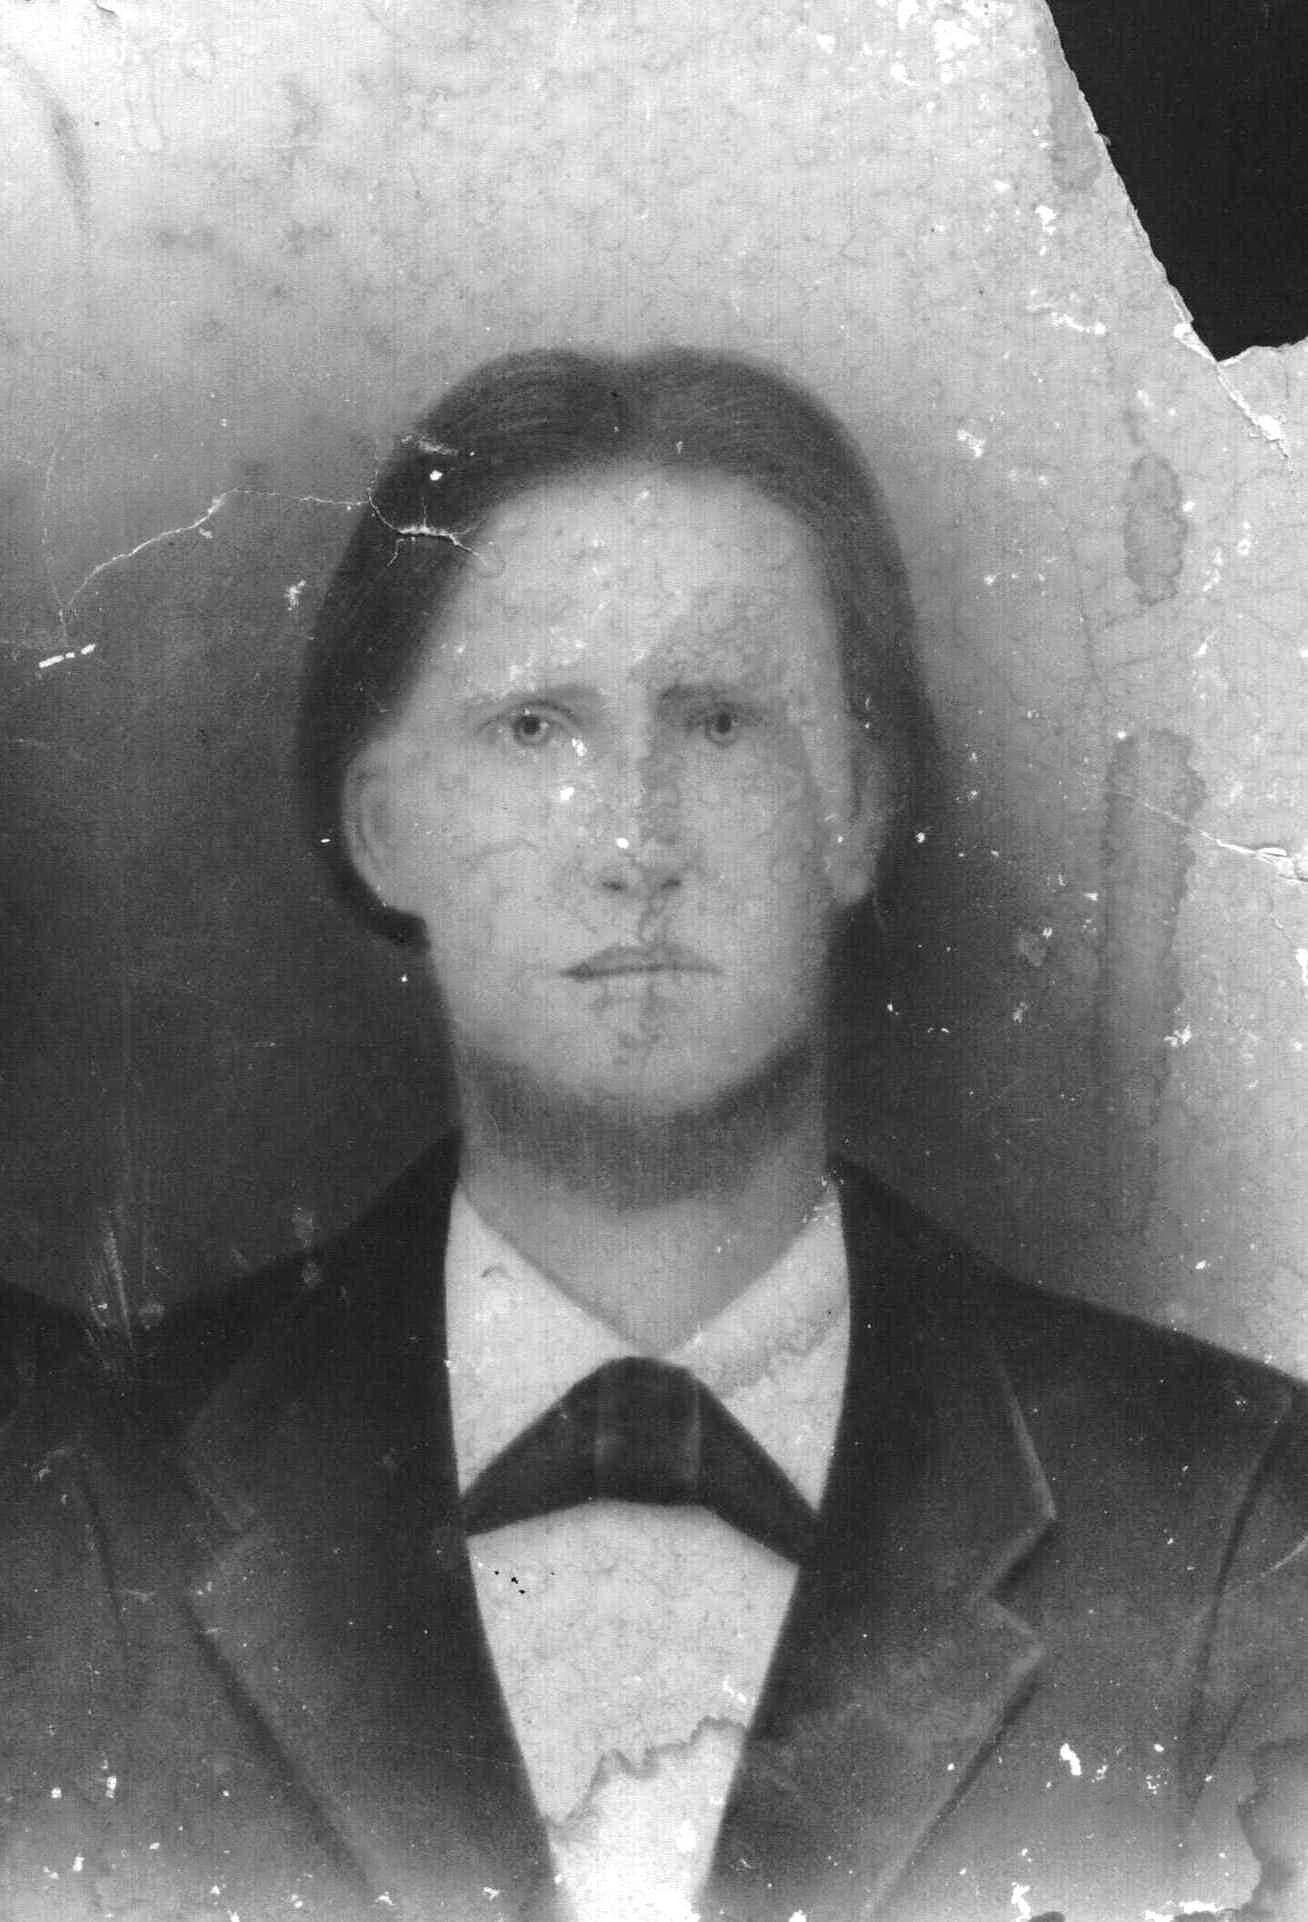 Young A. Jones